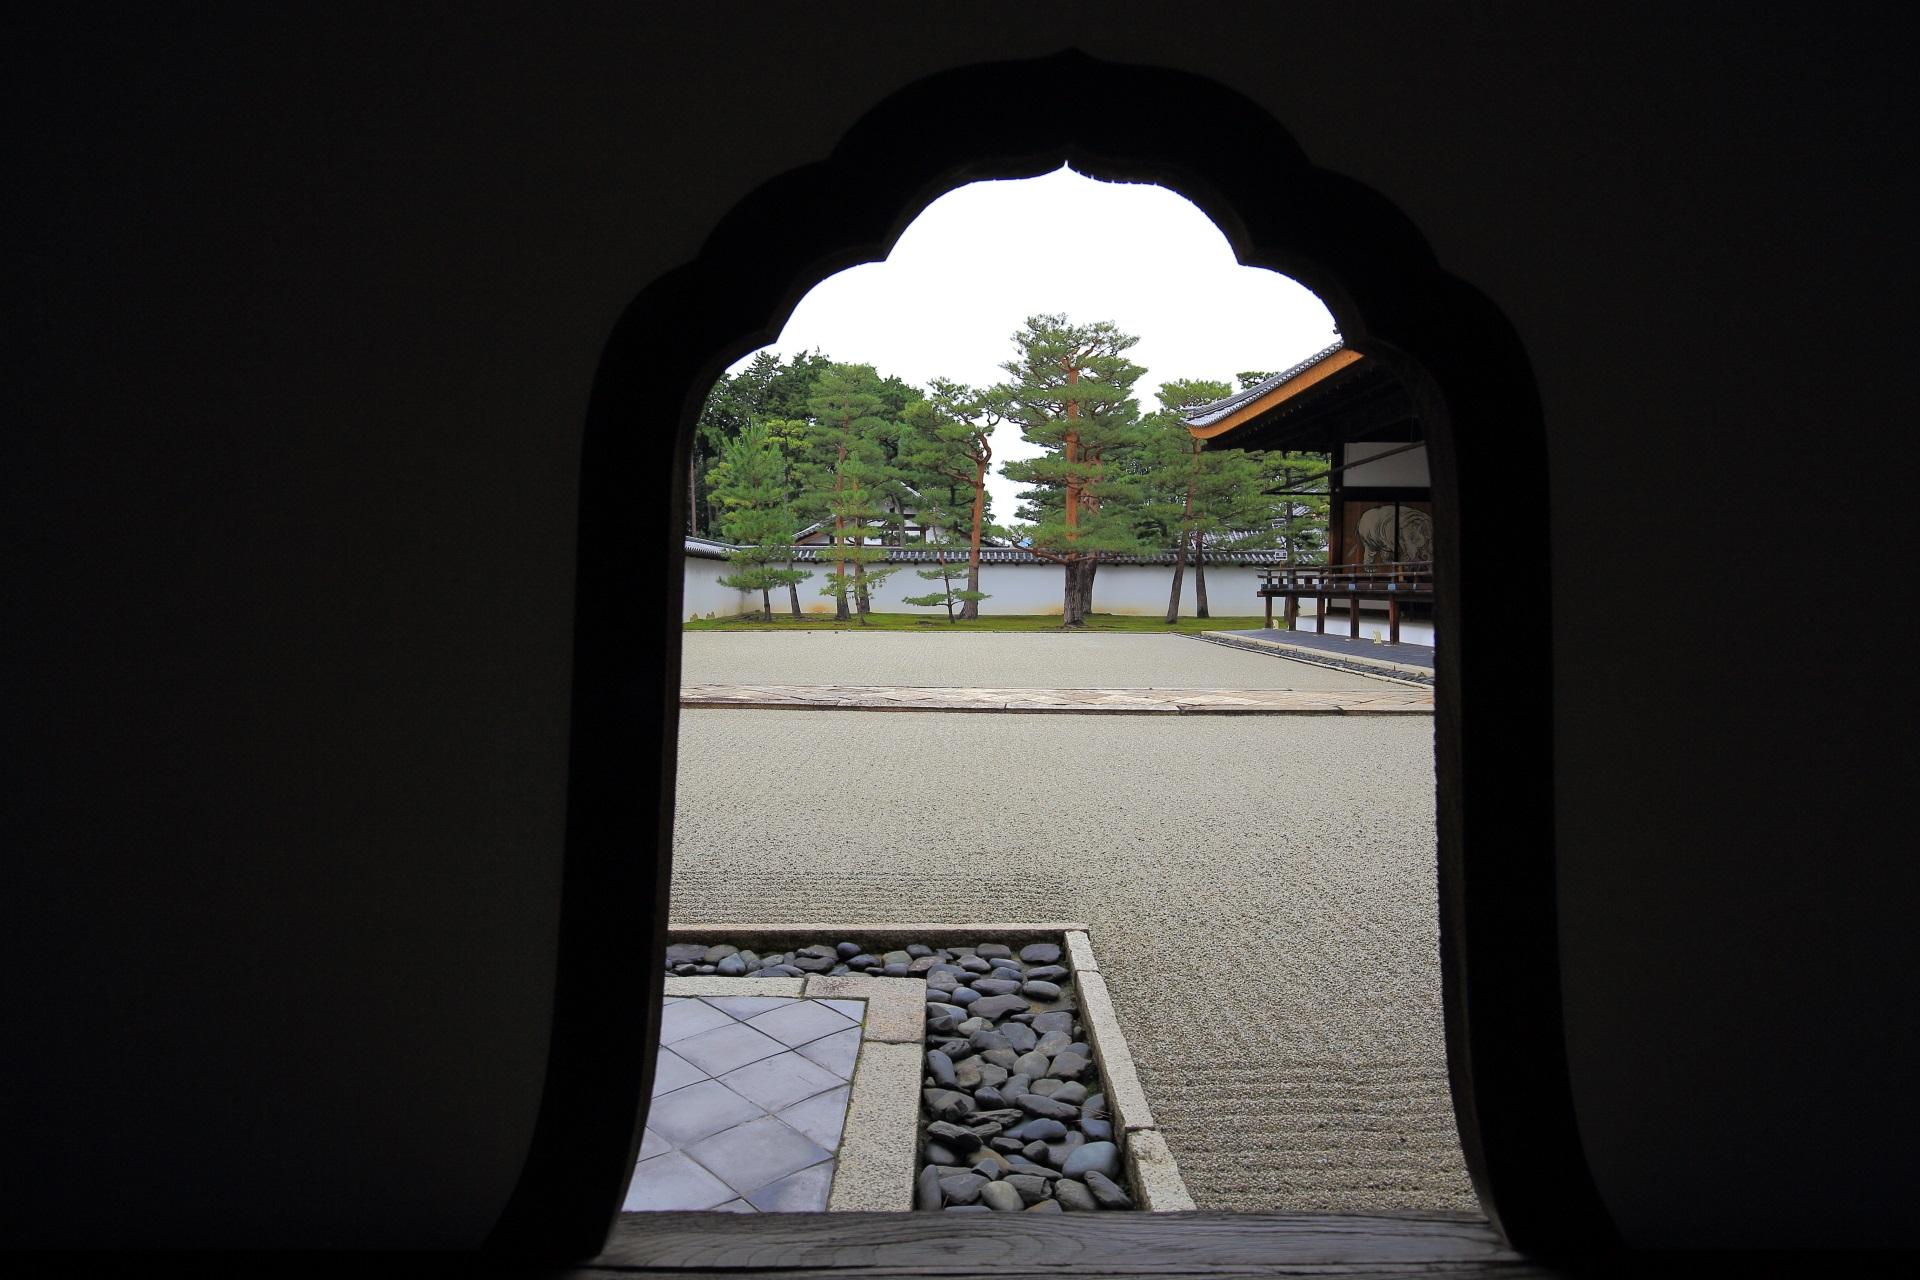 相国寺方丈庭園の華頭窓(かとうまど)